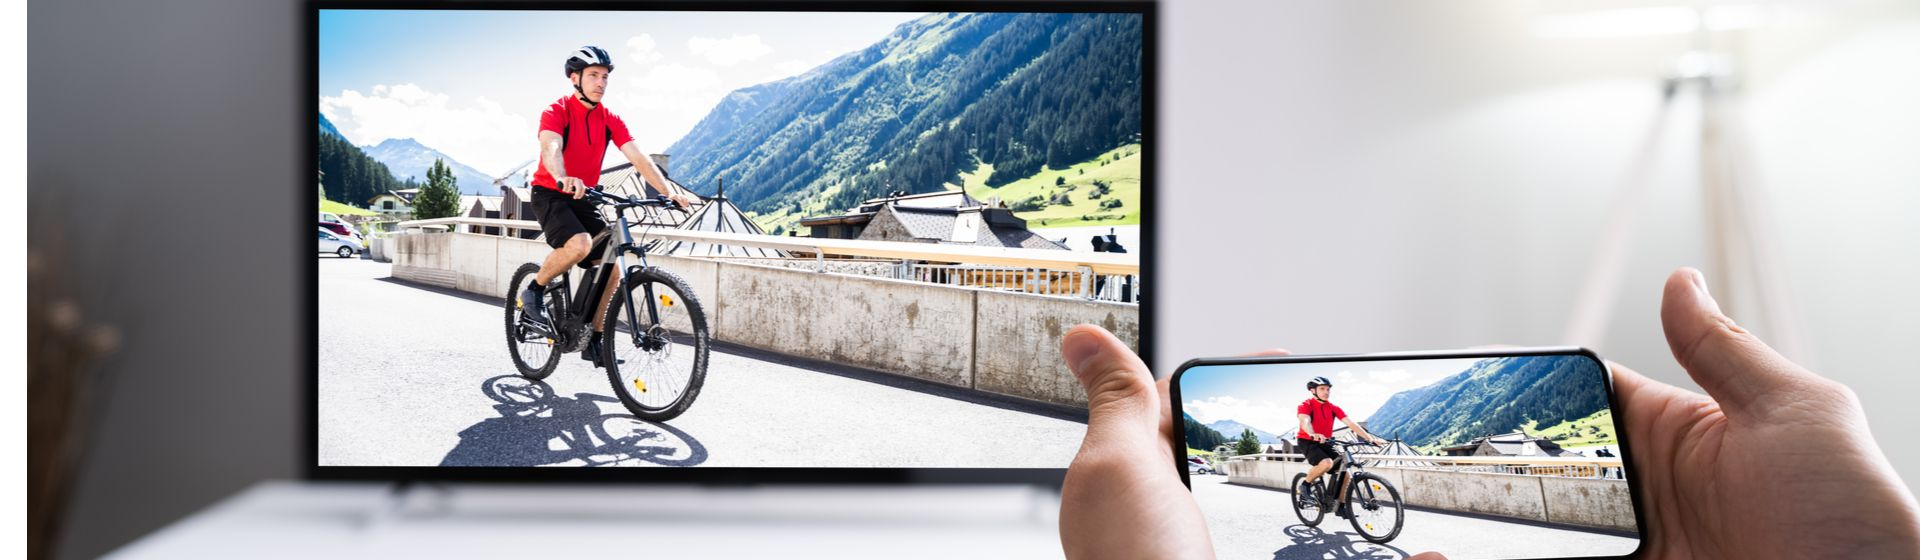 Como espelhar celular na TV